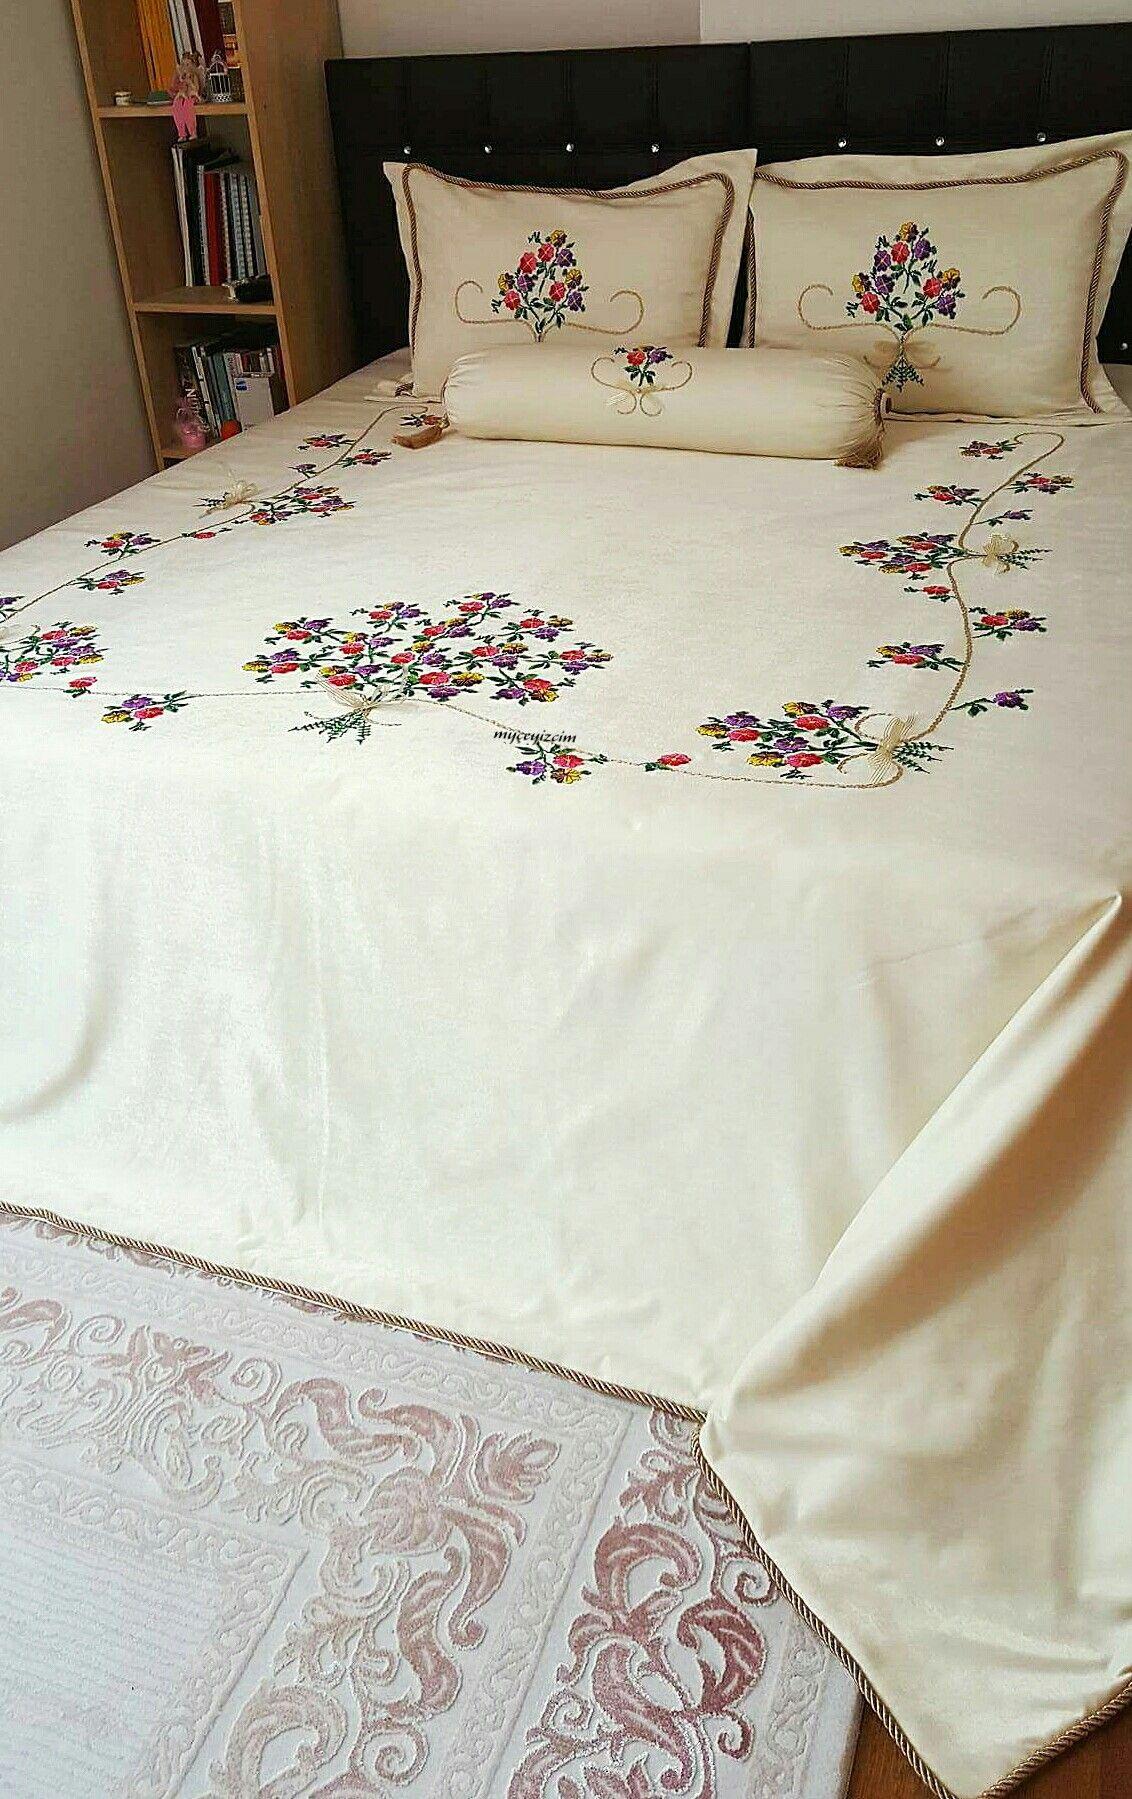 Ribbon embroidery bedspread designs - Eski Kanaviceleri Yatak Rt S Olarak De Erlendirdik Bedspreads Gabrieljordans